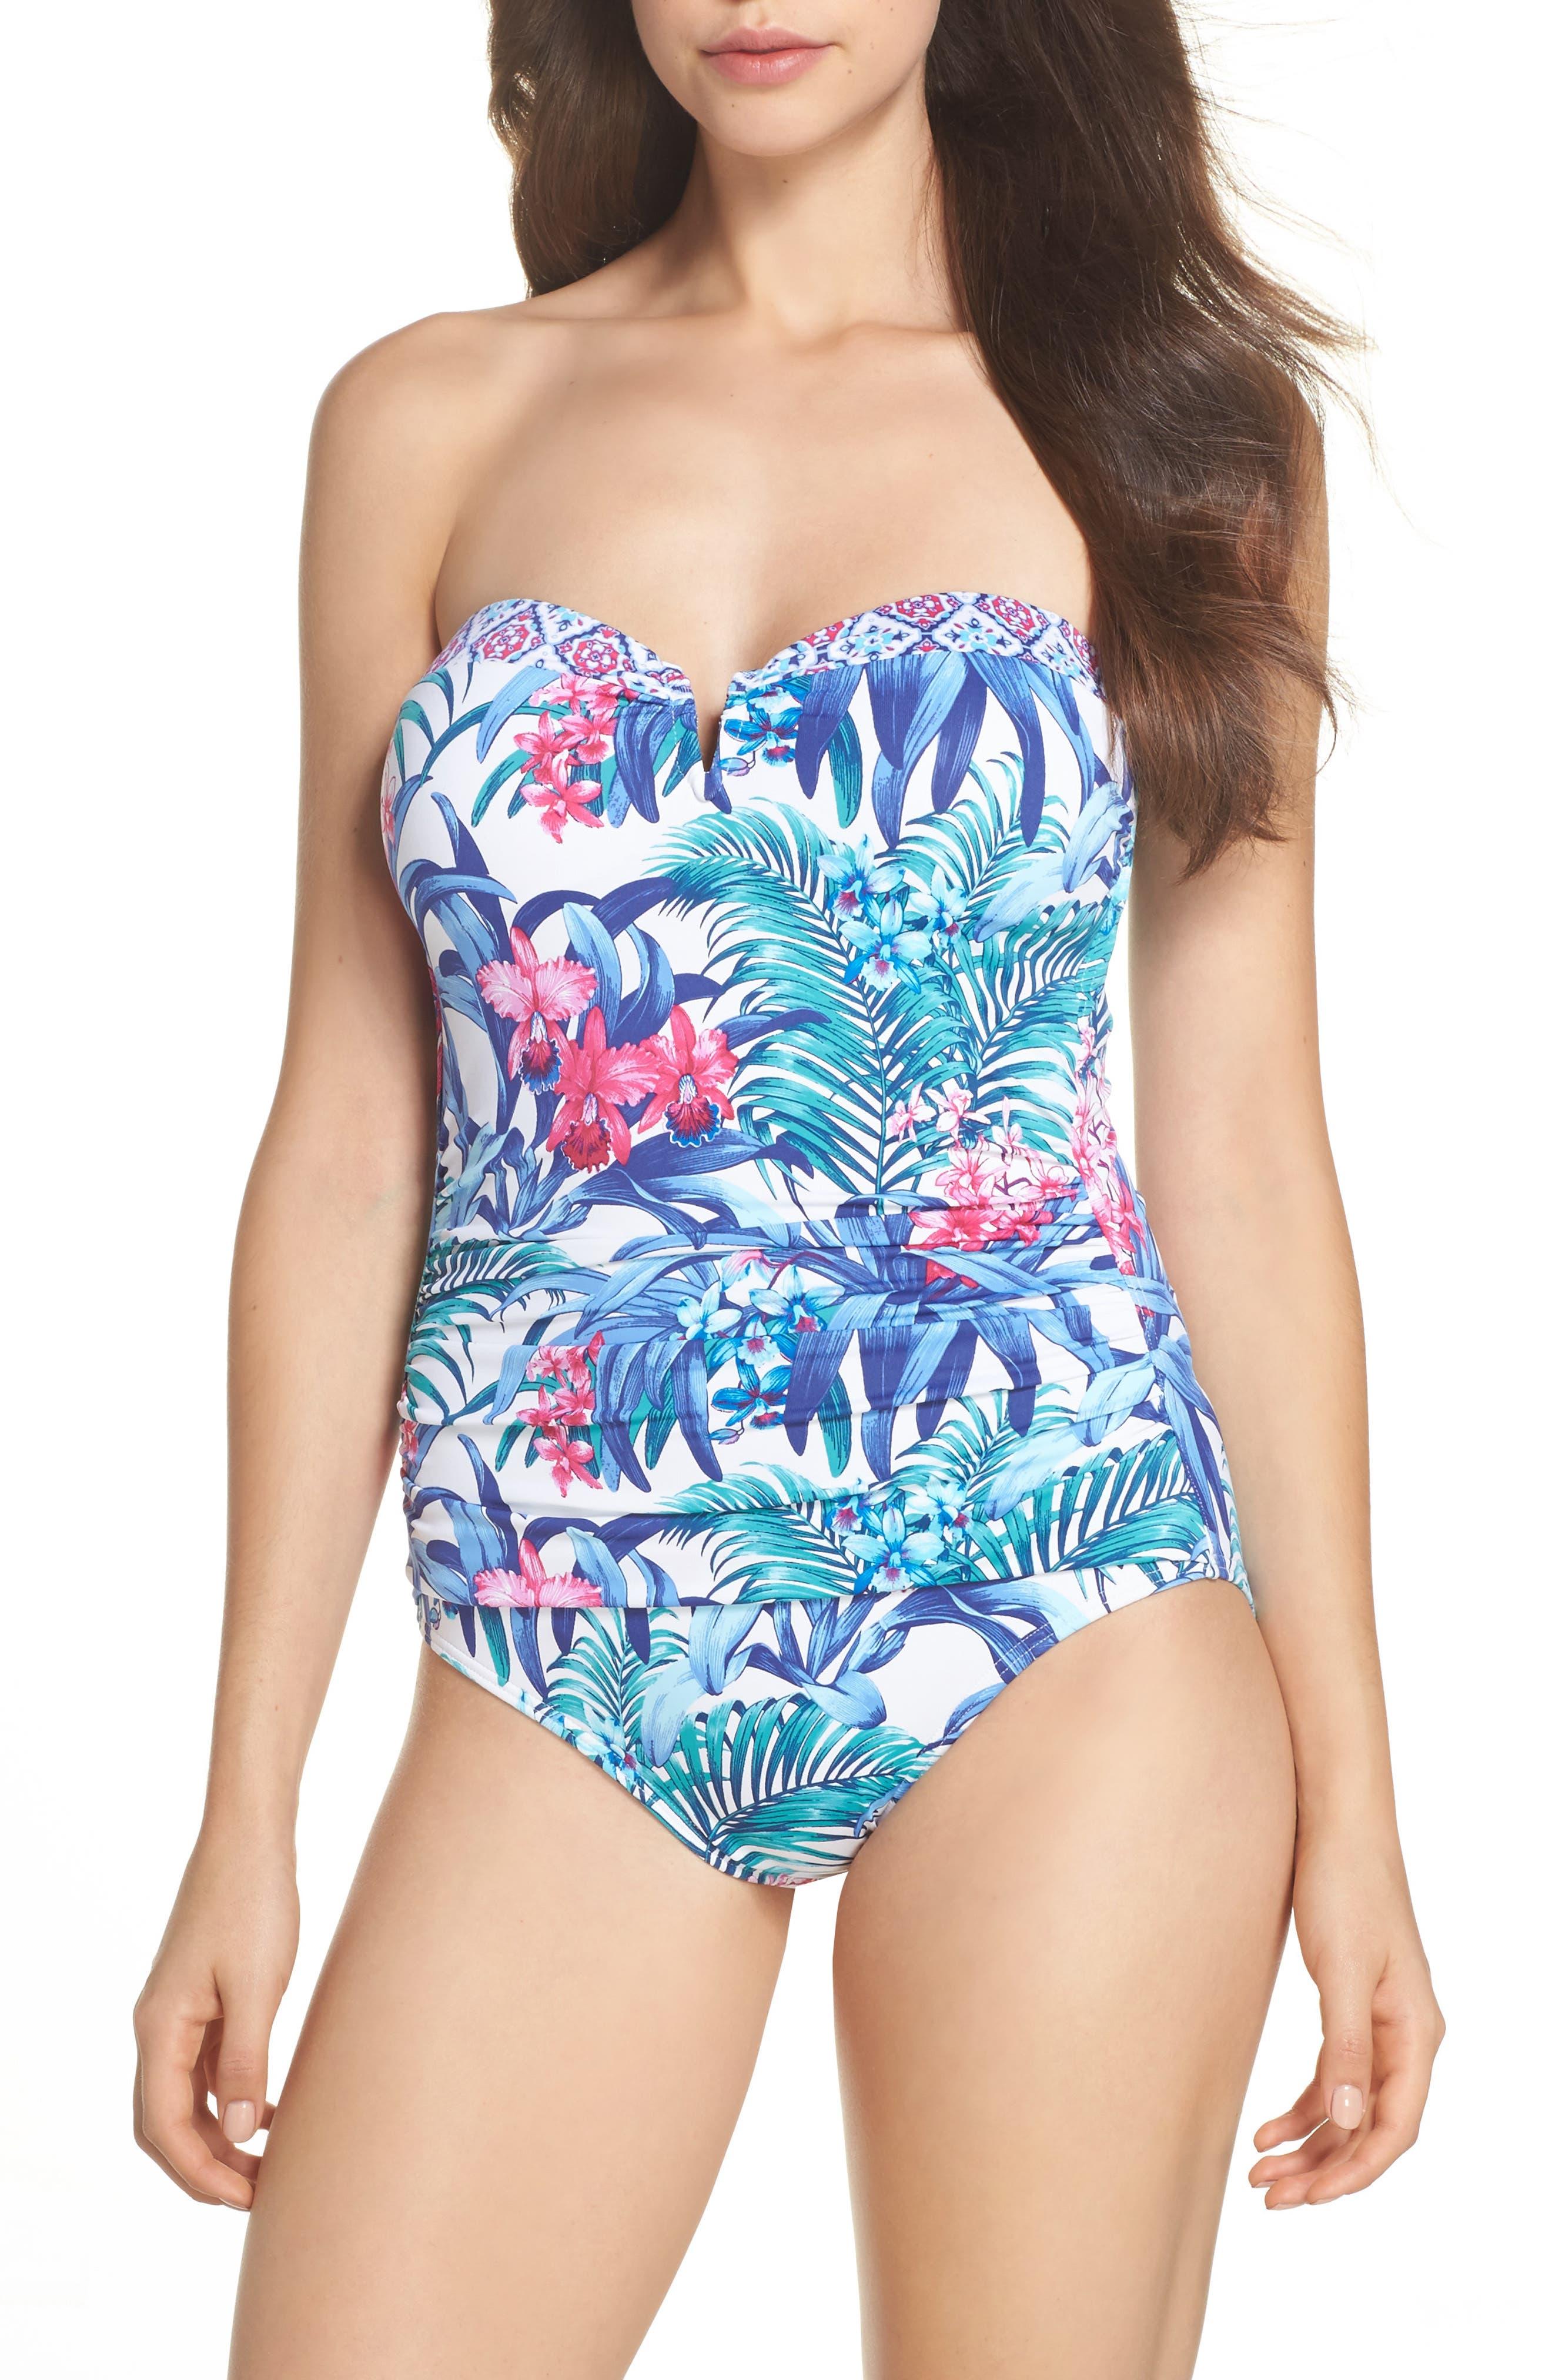 Majorelle Bandeau One-Piece Swimsuit,                             Main thumbnail 1, color,                             100